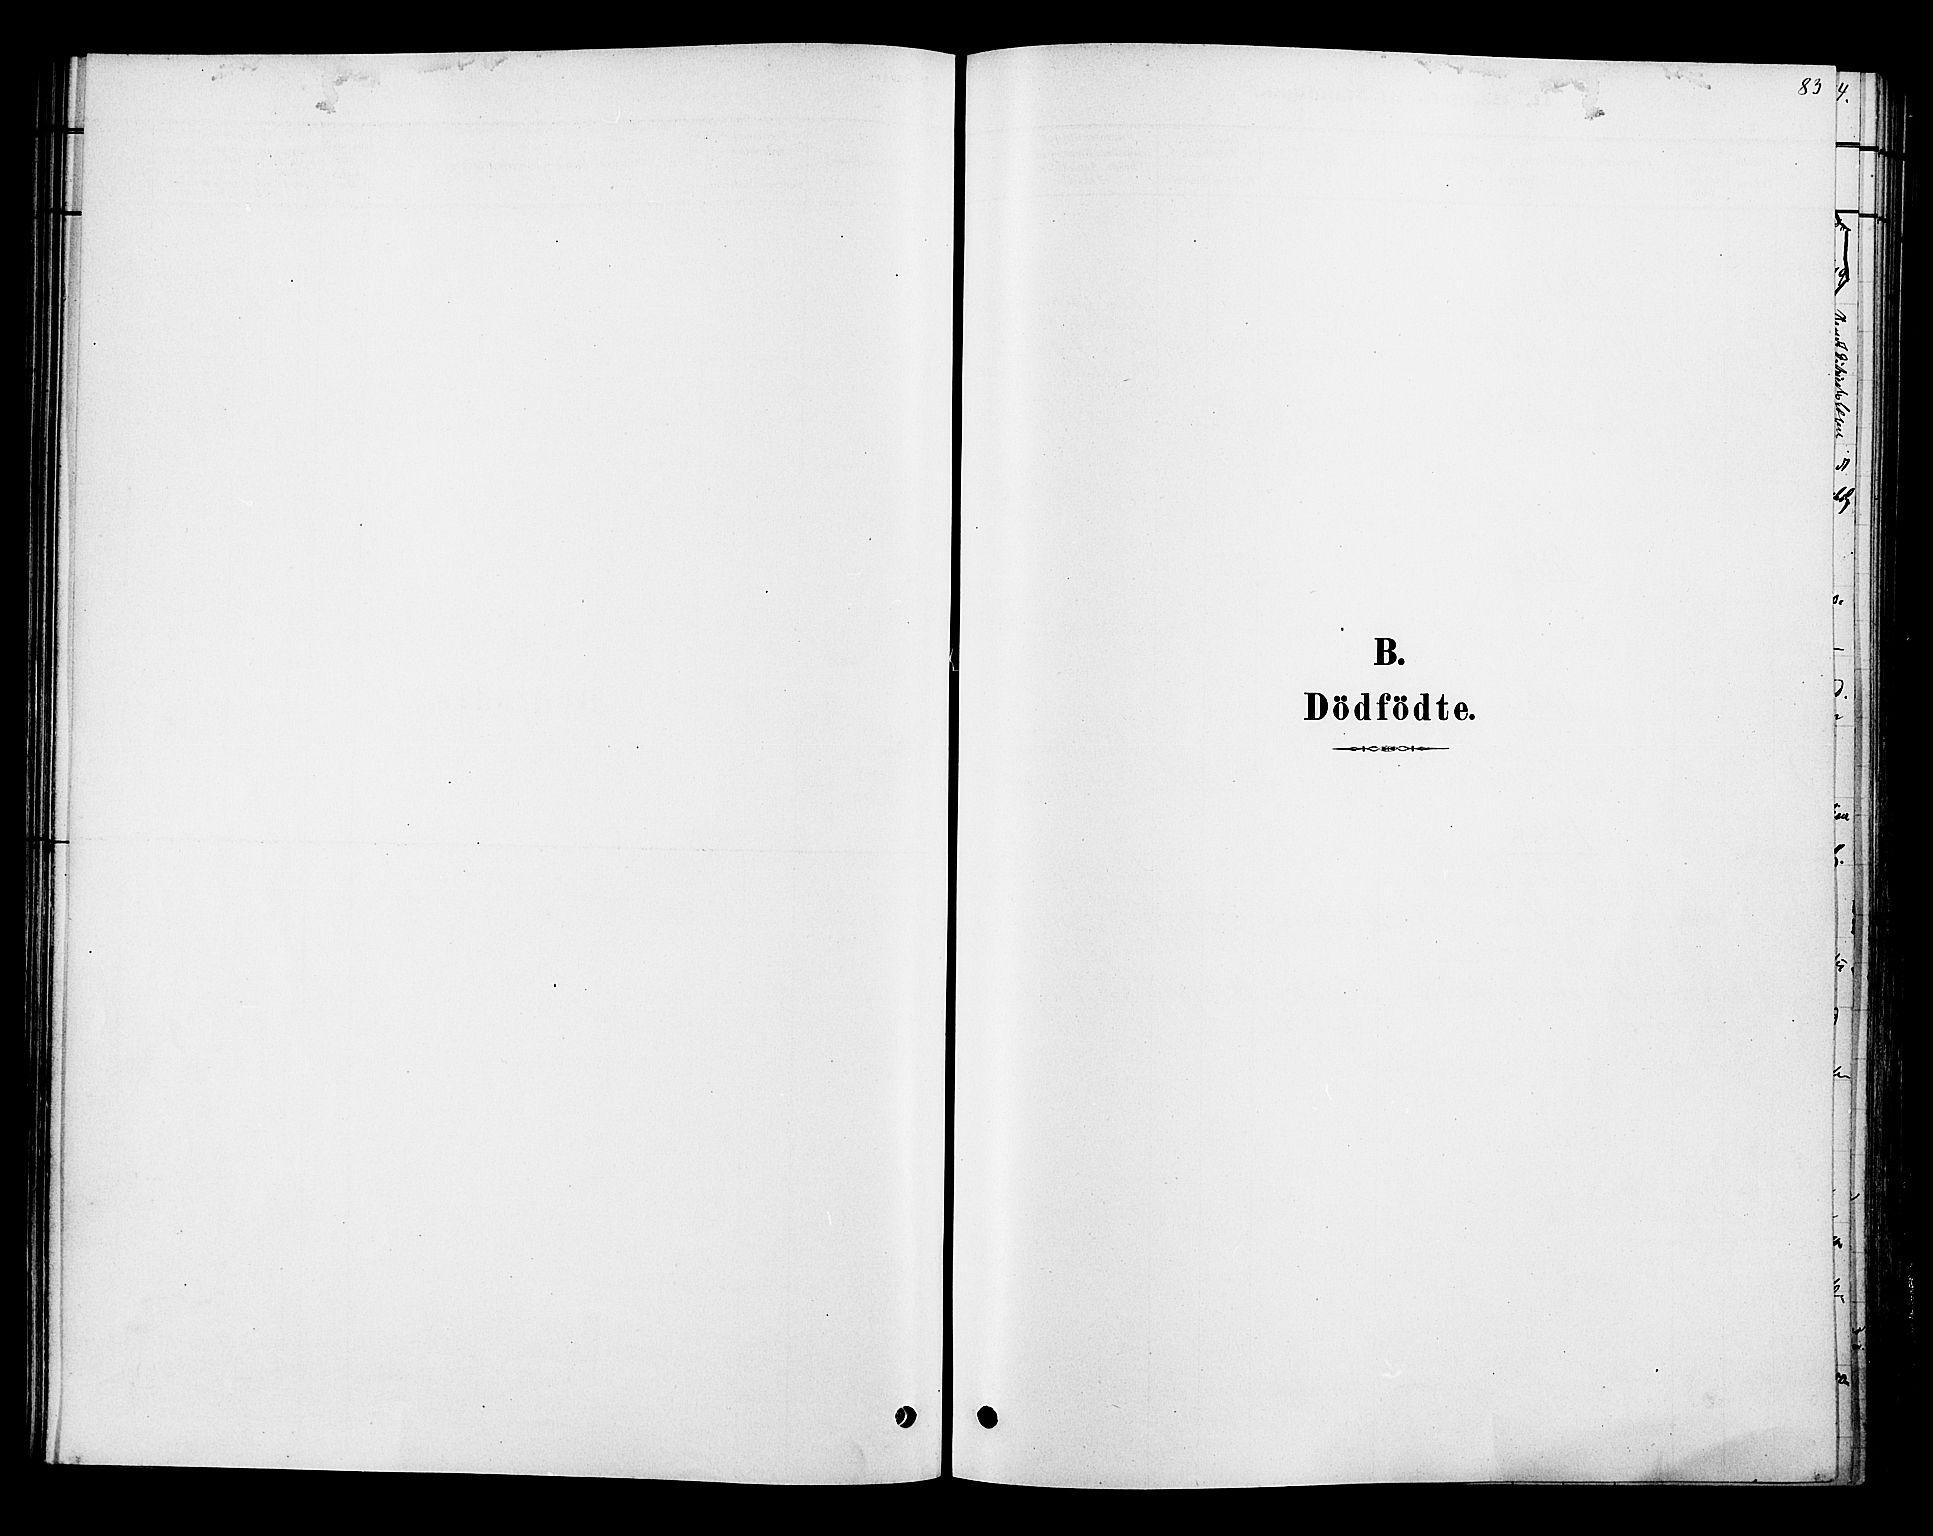 SAH, Ringsaker prestekontor, K/Ka/L0013: Ministerialbok nr. 13, 1879-1890, s. 83